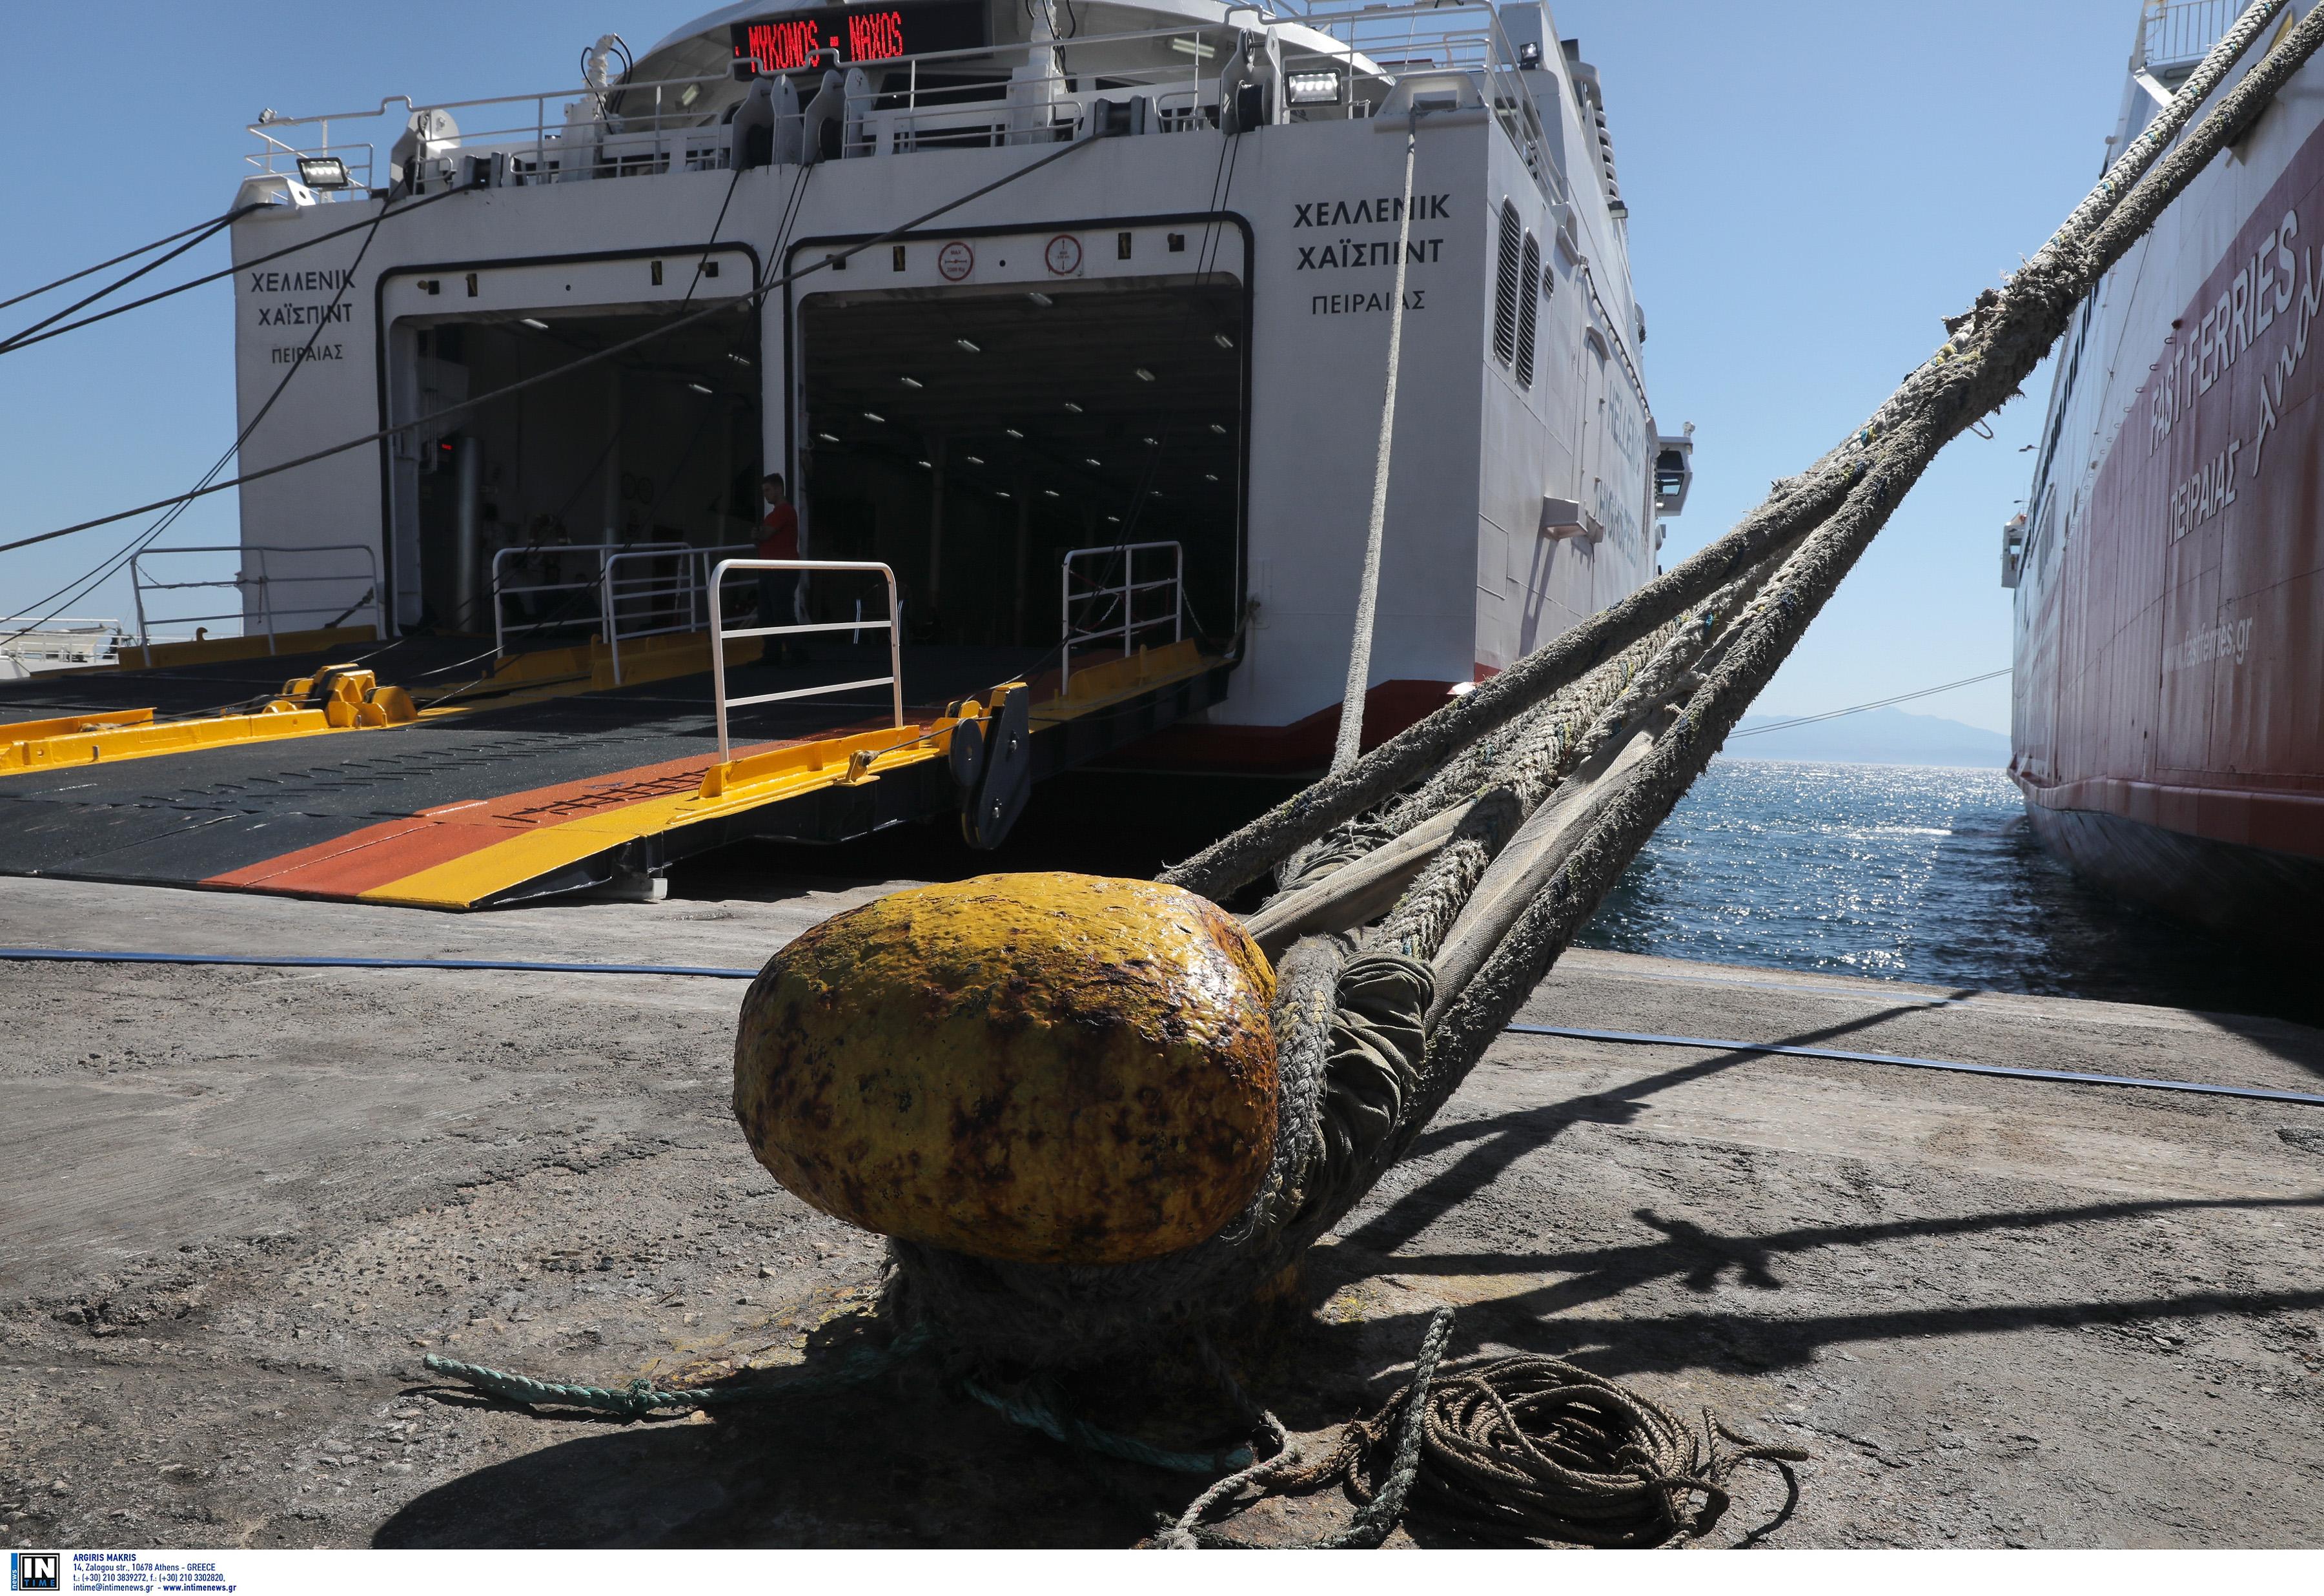 Συναγερμός στο λιμάνι του Πειραιά! Αυτοκίνητο έπεσε στην θάλασσα